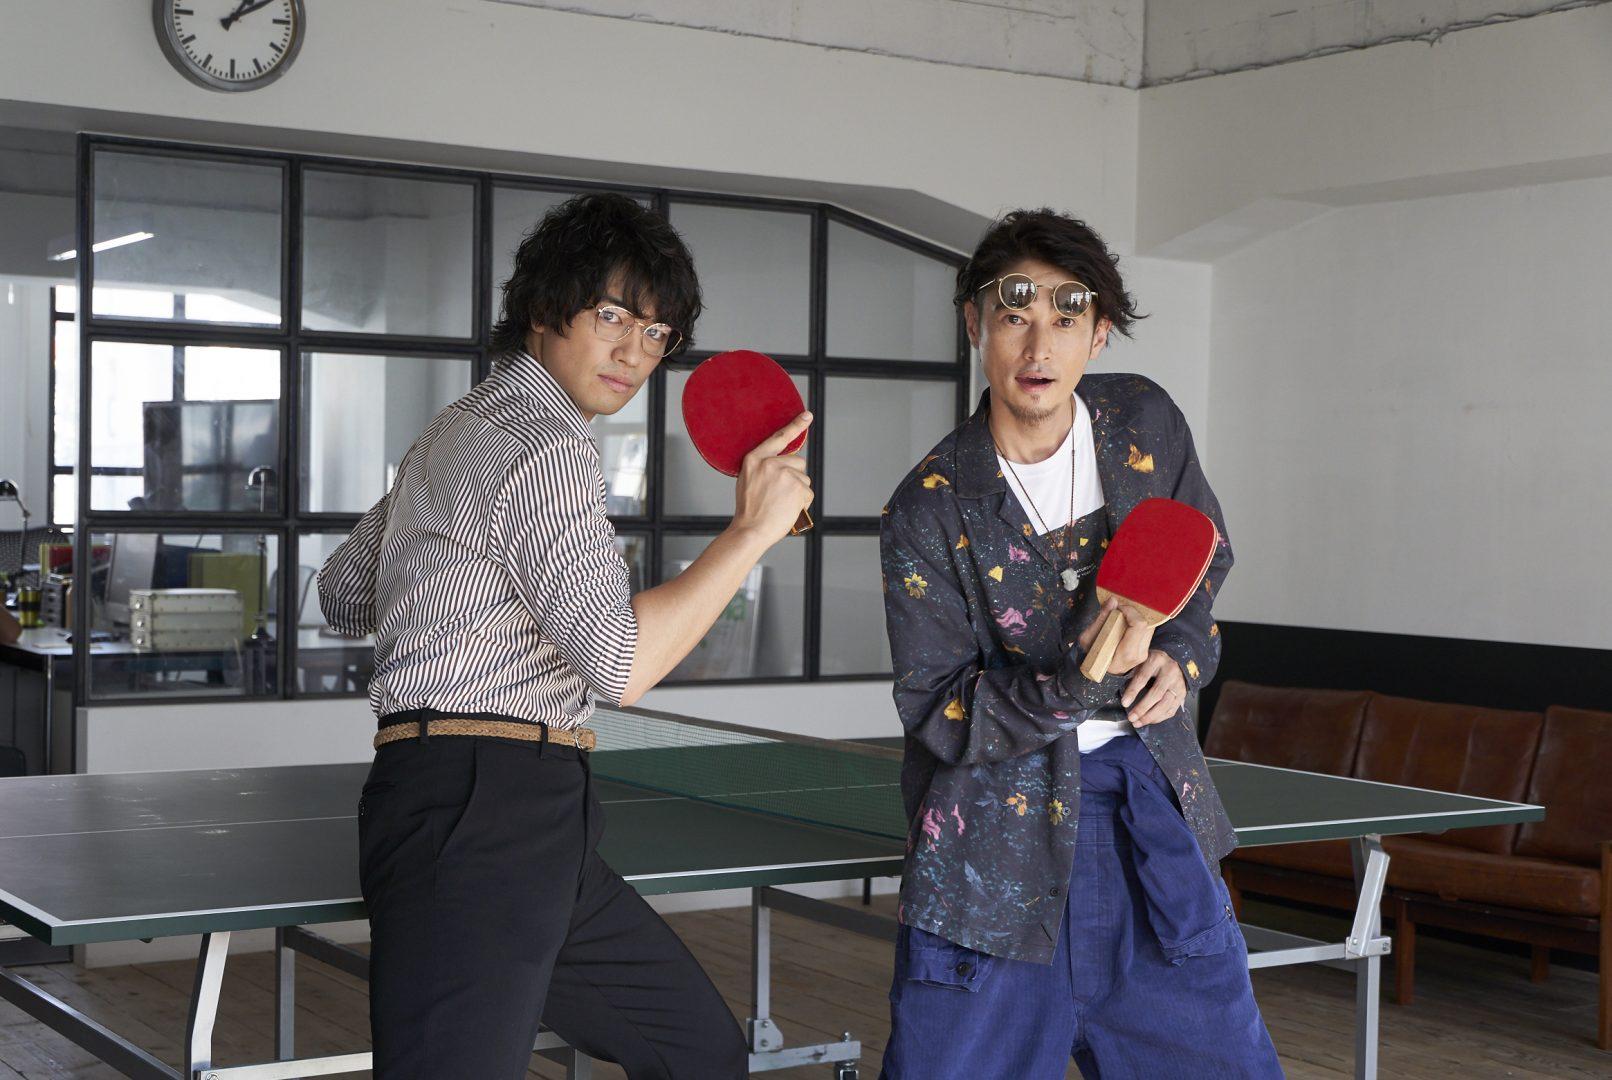 映画「ピンポン」以来17年ぶり 窪塚洋介、Indeed新CMで卓球姿披露【動画あり】